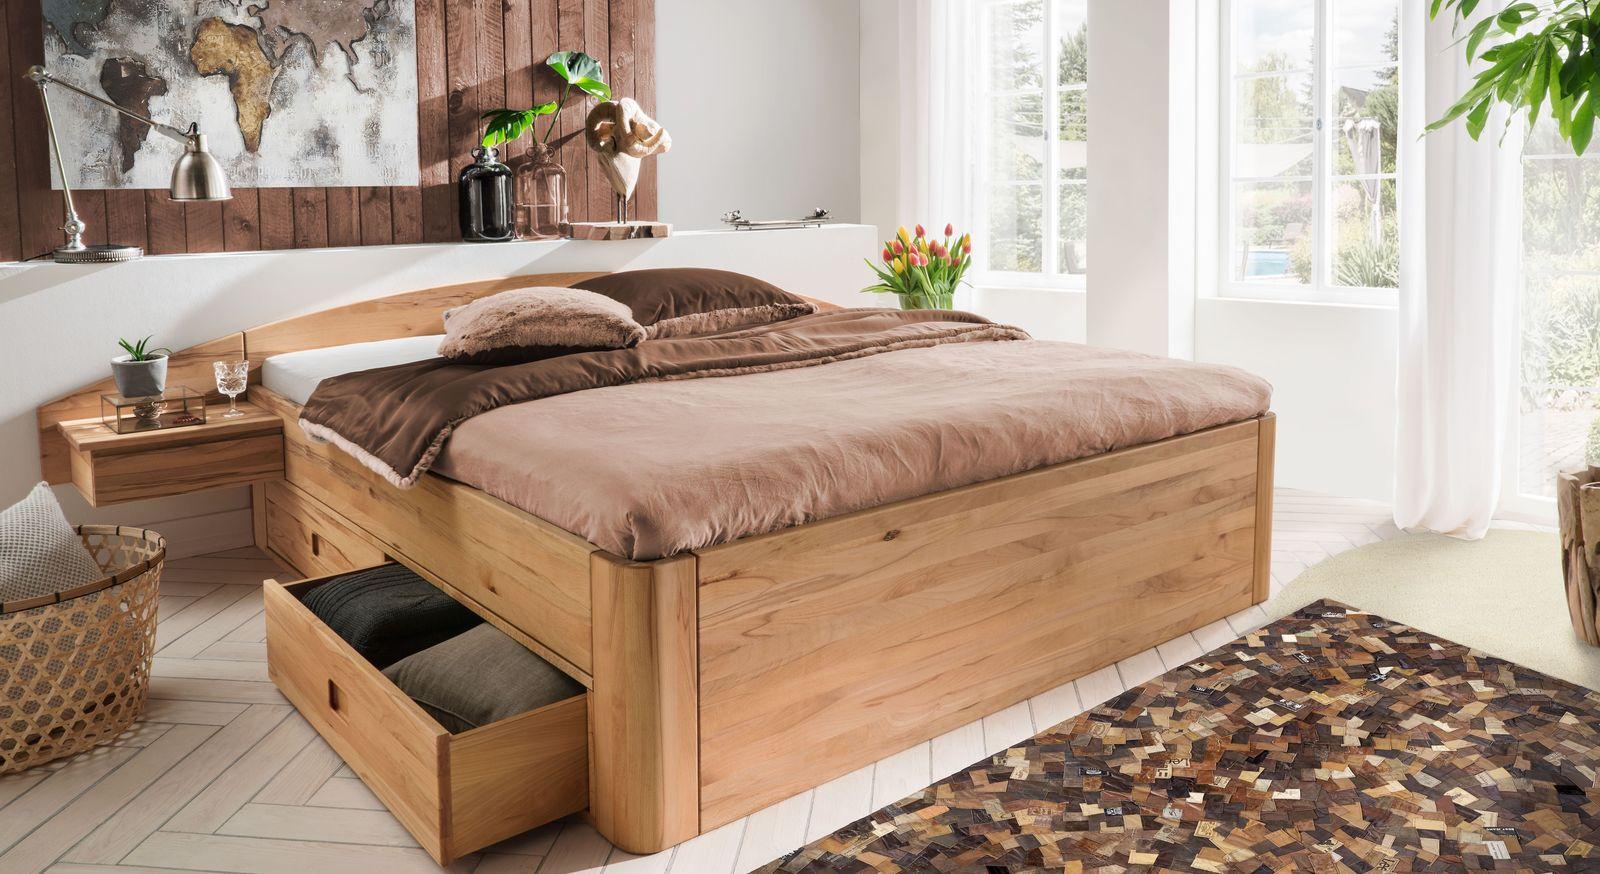 Passende Produkte zum Schubkasten-Bett Burgau